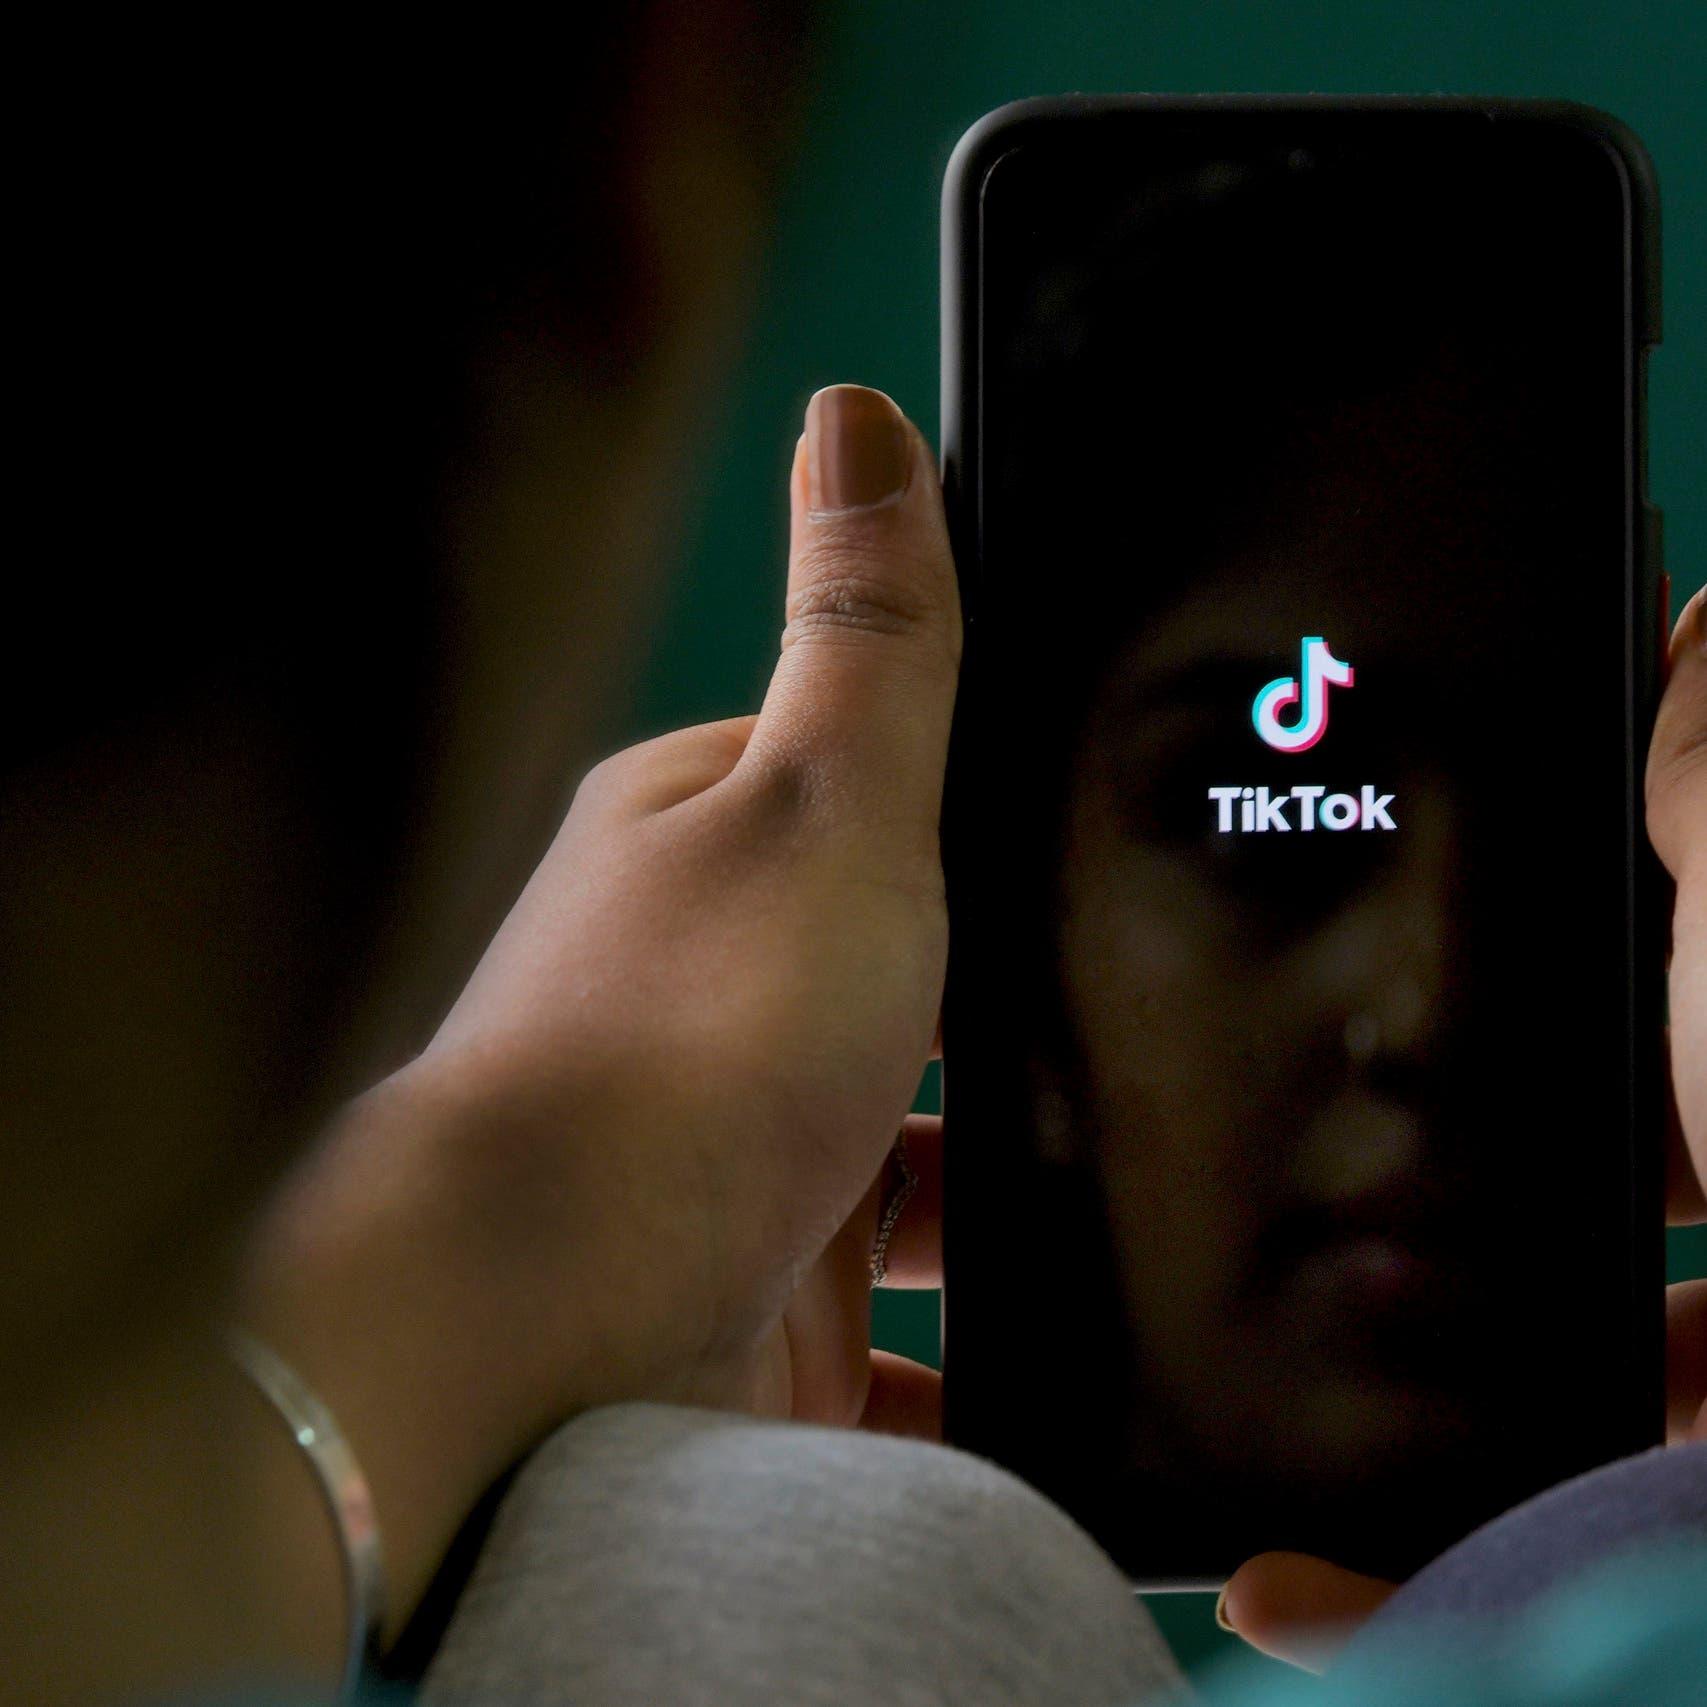 """أبرزها """"تيك توك"""".. هذه أكثر التطبيقات إثارة للجدل"""